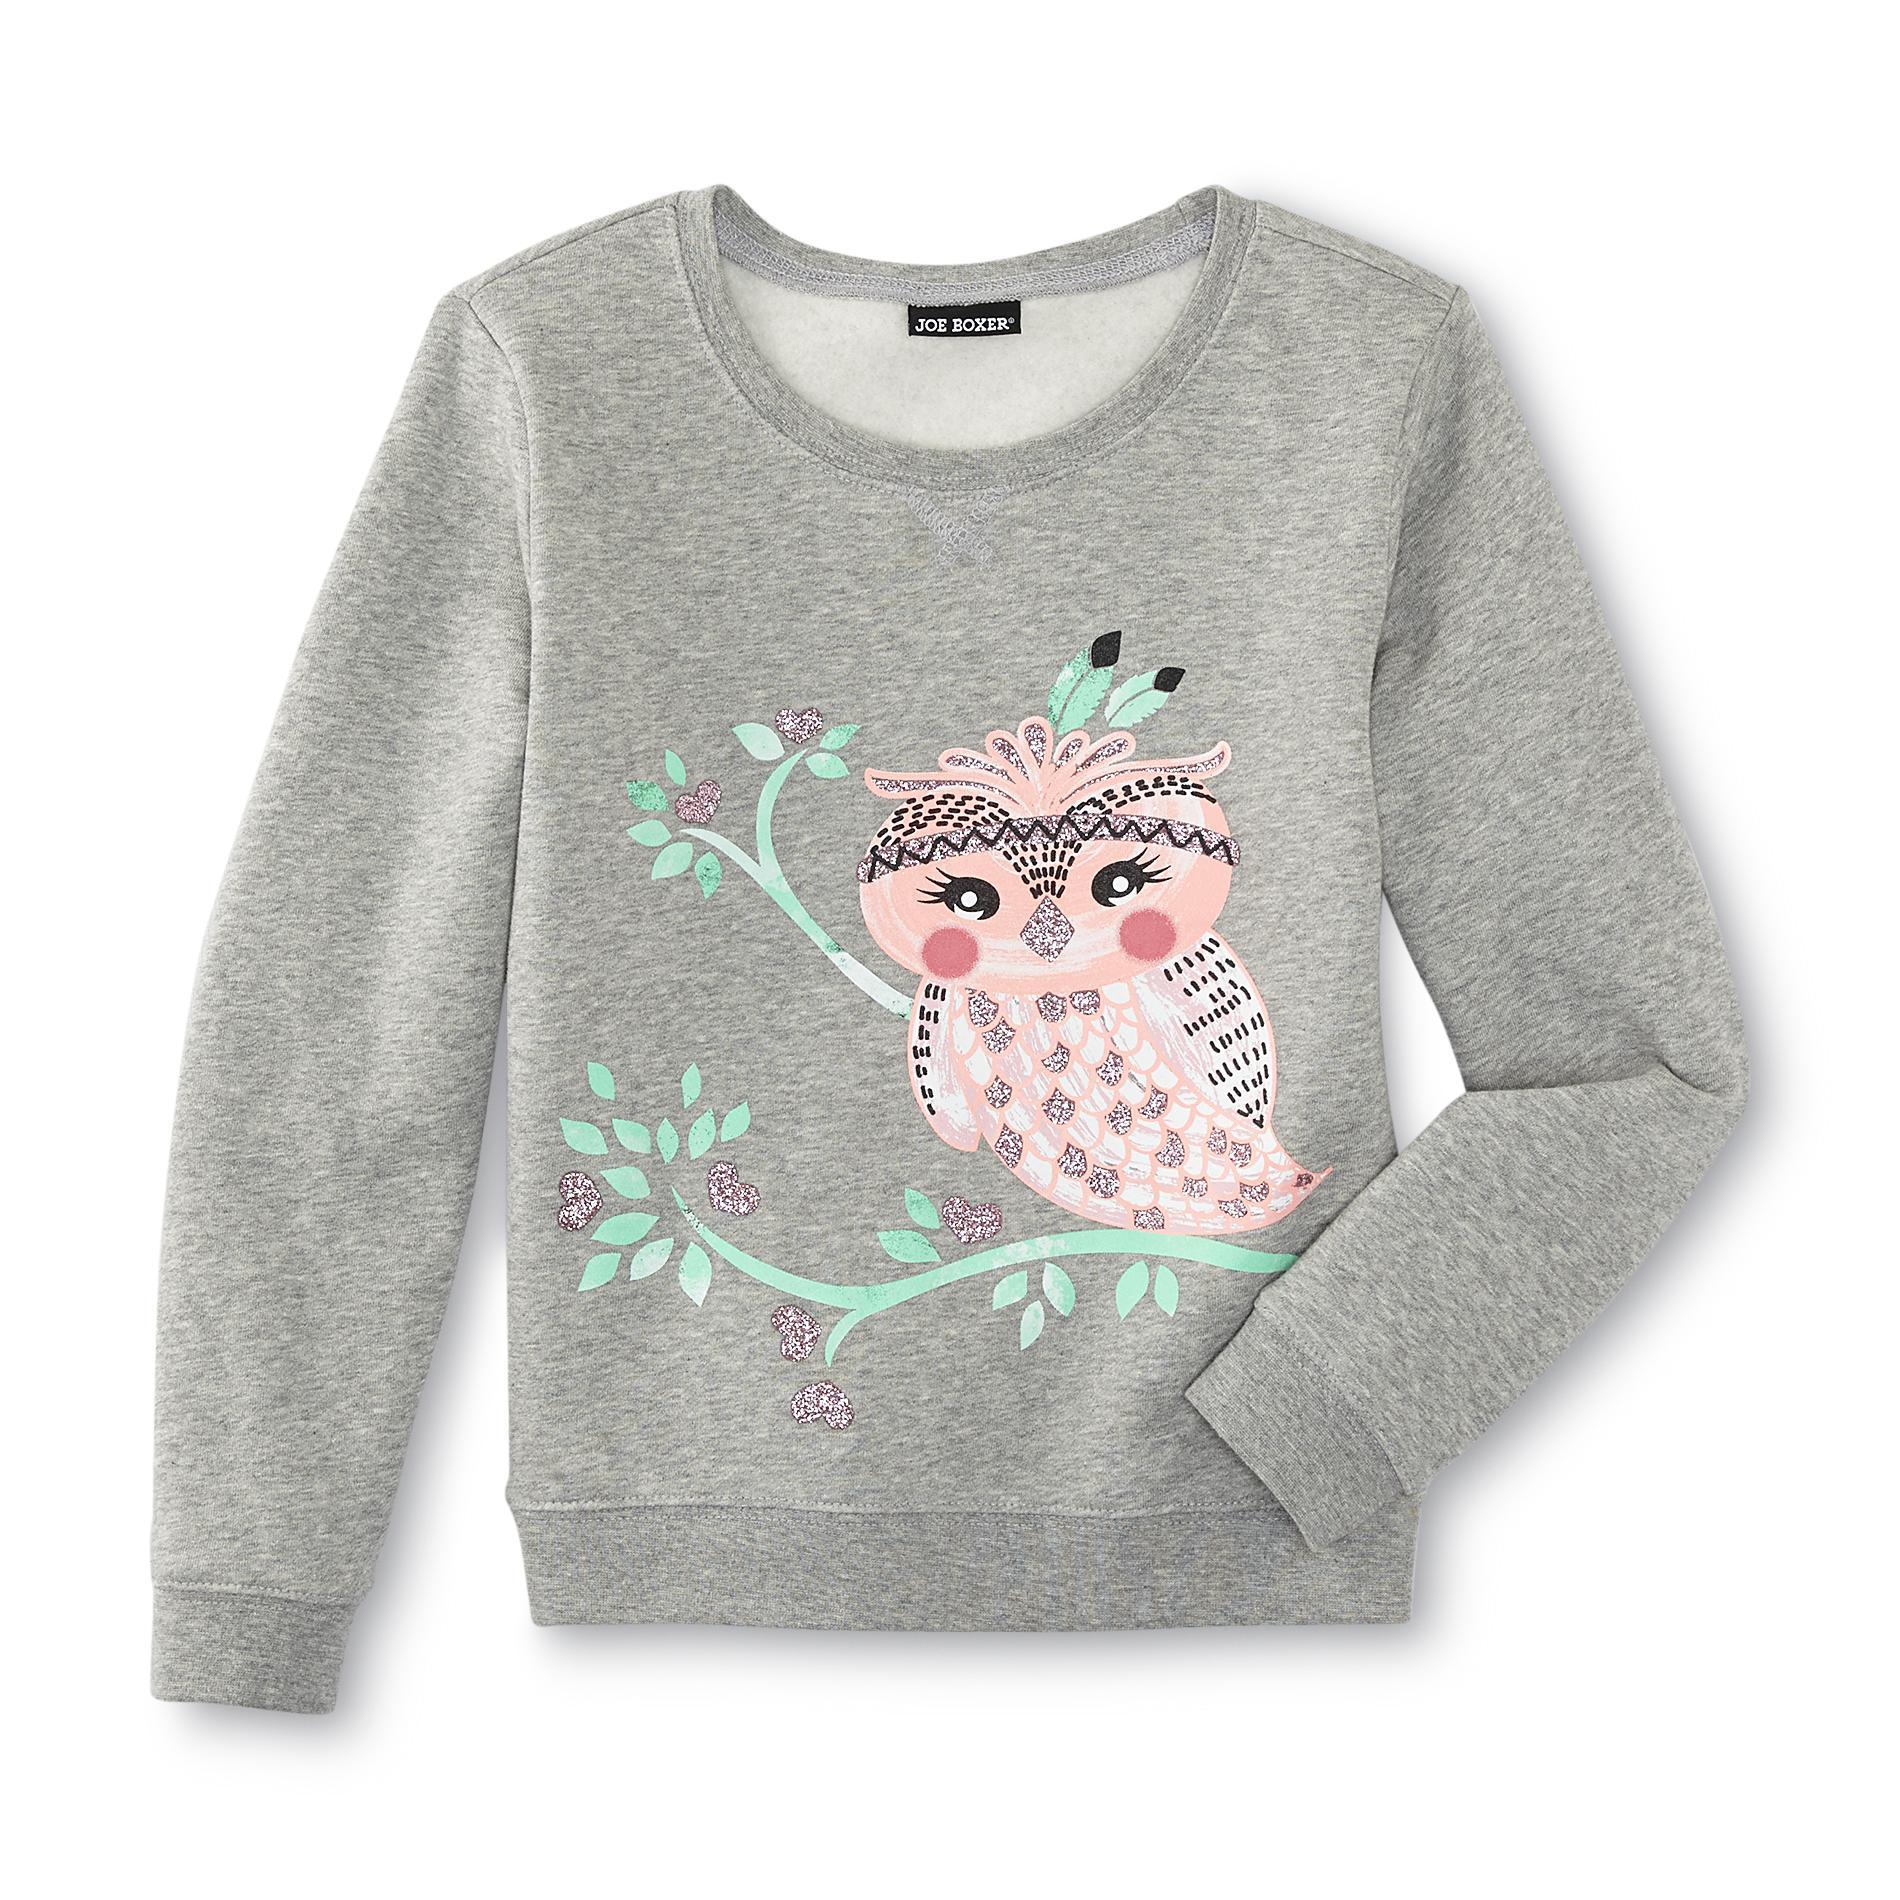 Joe Boxer Girl's Graphic Sweatshirt - Owl